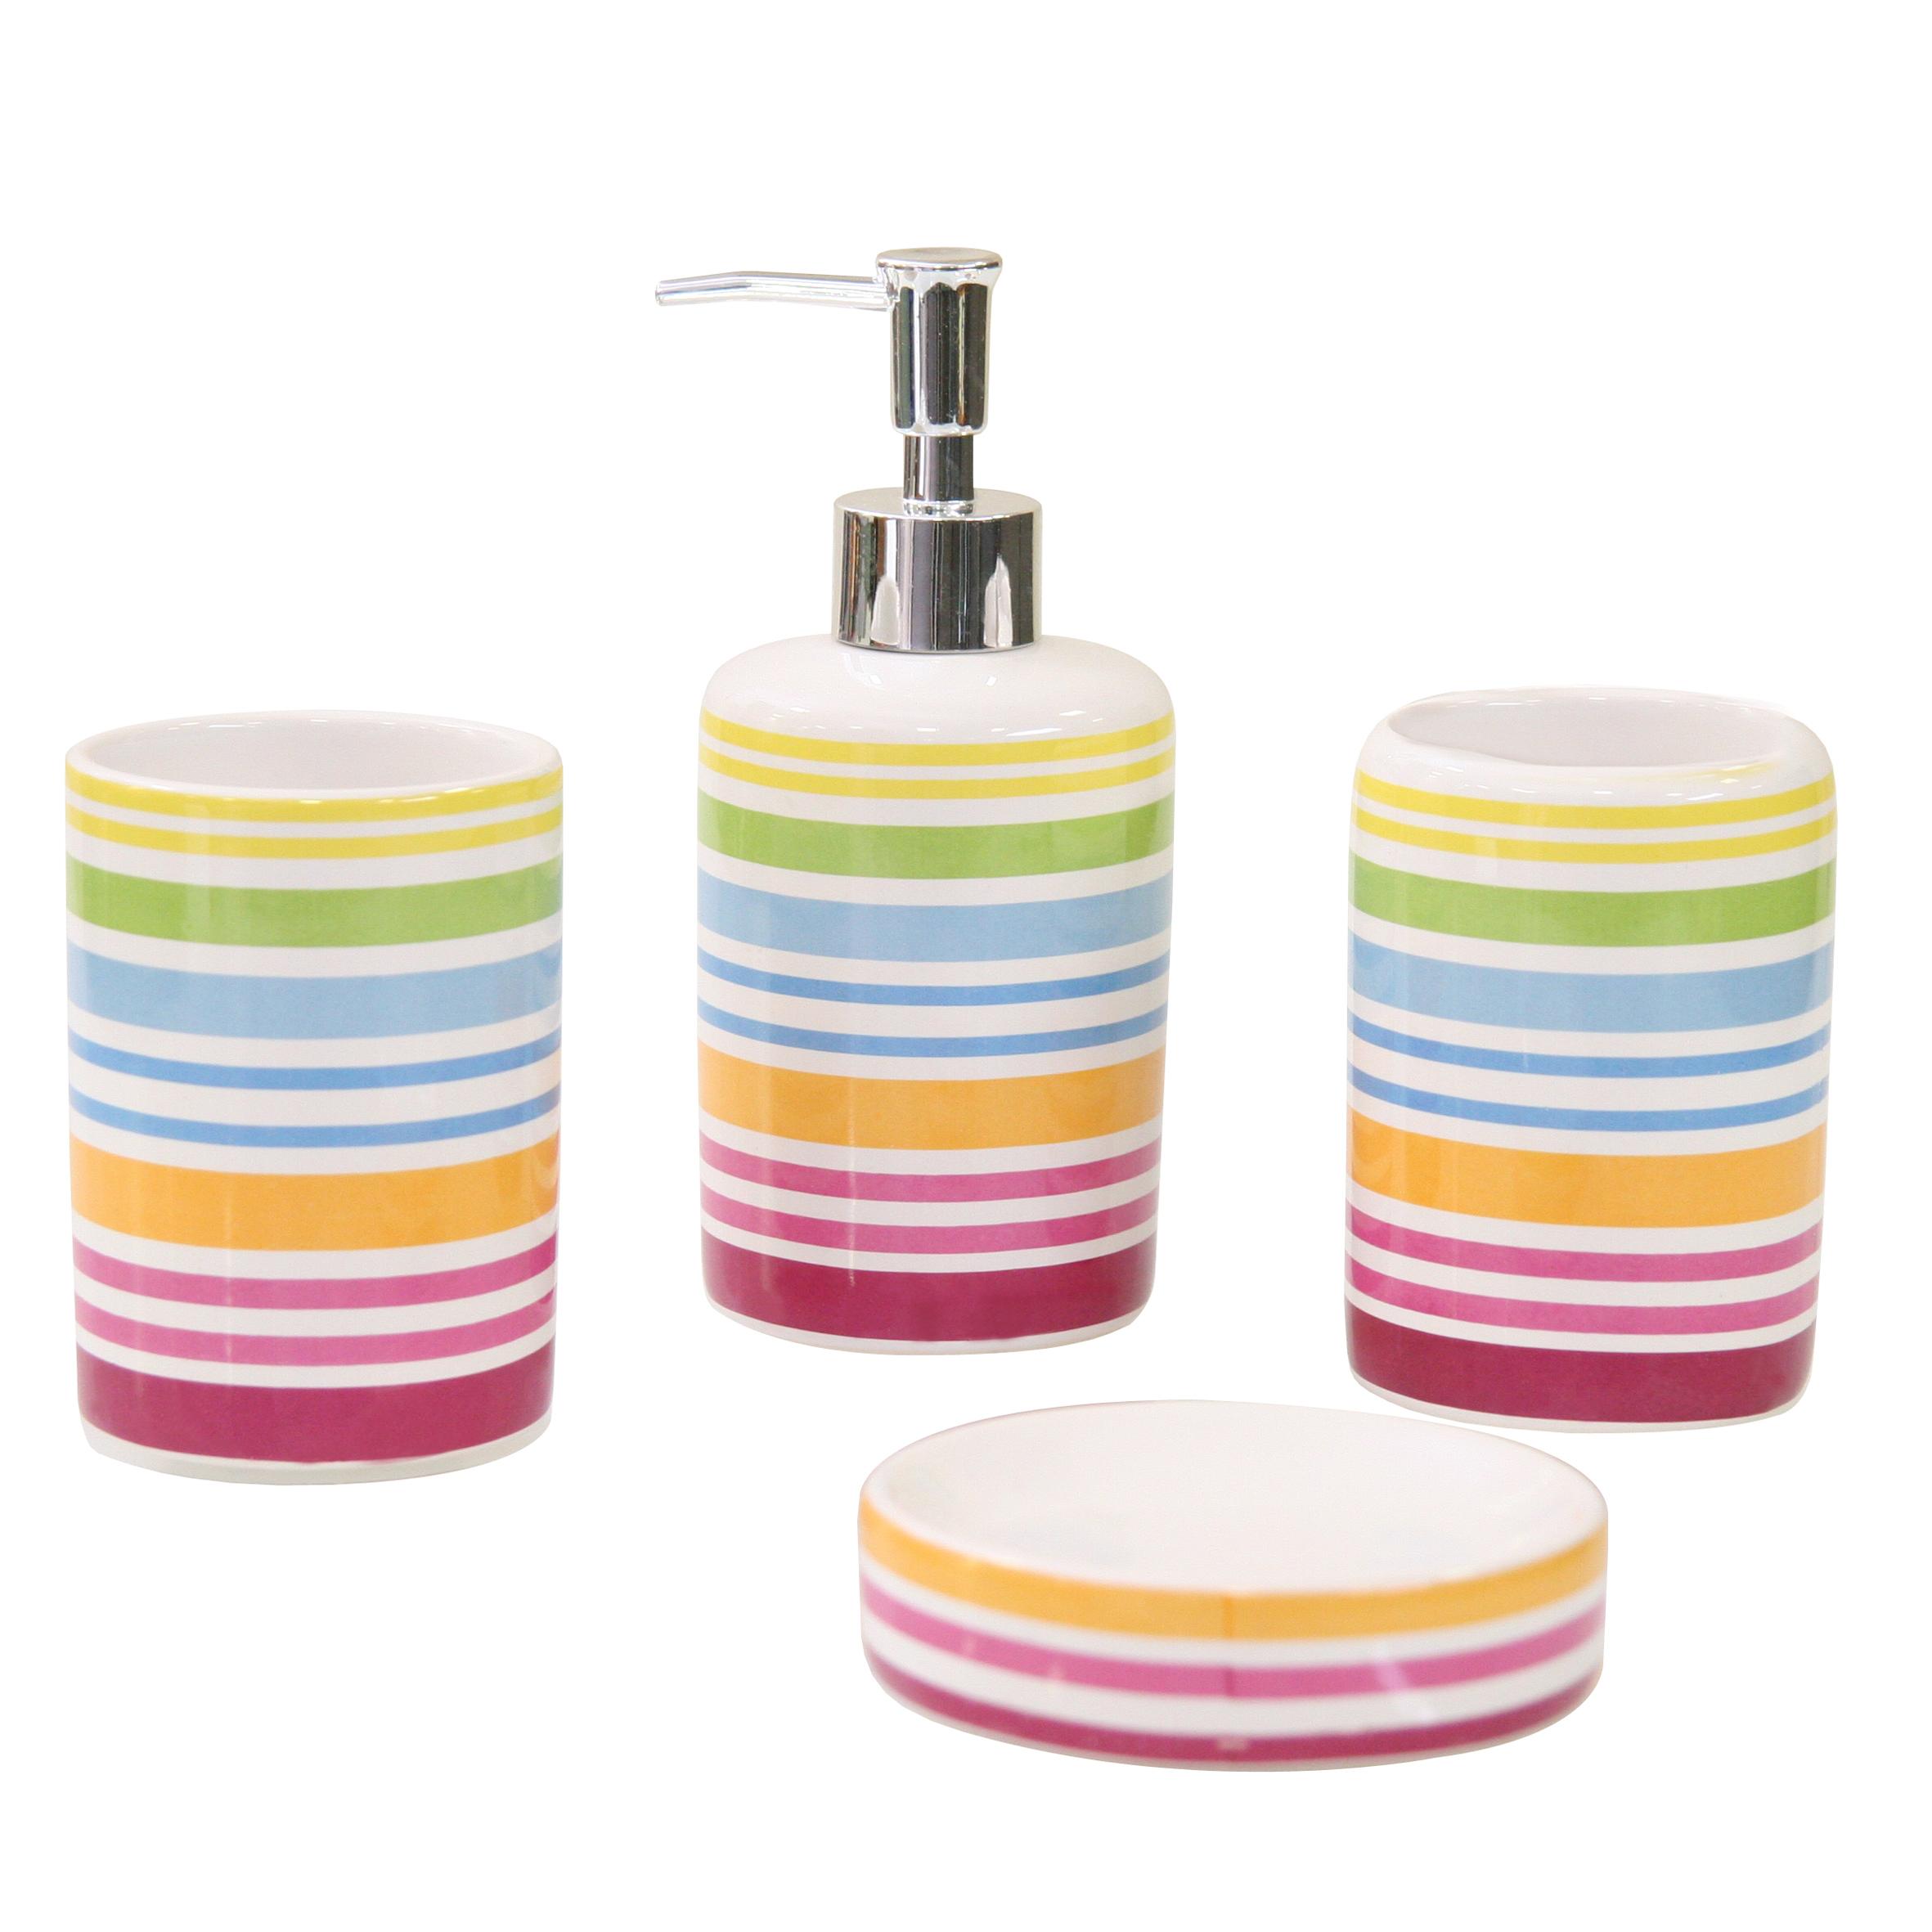 Набор для ванной комнаты Axentia Rio, цвет: белый282460В составе набора 4 предмета, изготовленных из натуральной и элегантной керамики: дозатор, мыльница, стакан, стакан для зубных щеток. Разноцветный дизайн РИО придаст настроение вашей ванной комнате. Фирменная коробка с прозрачным окном. К набору отлично подойдет туалетный гарнитур из коллекции RIO.